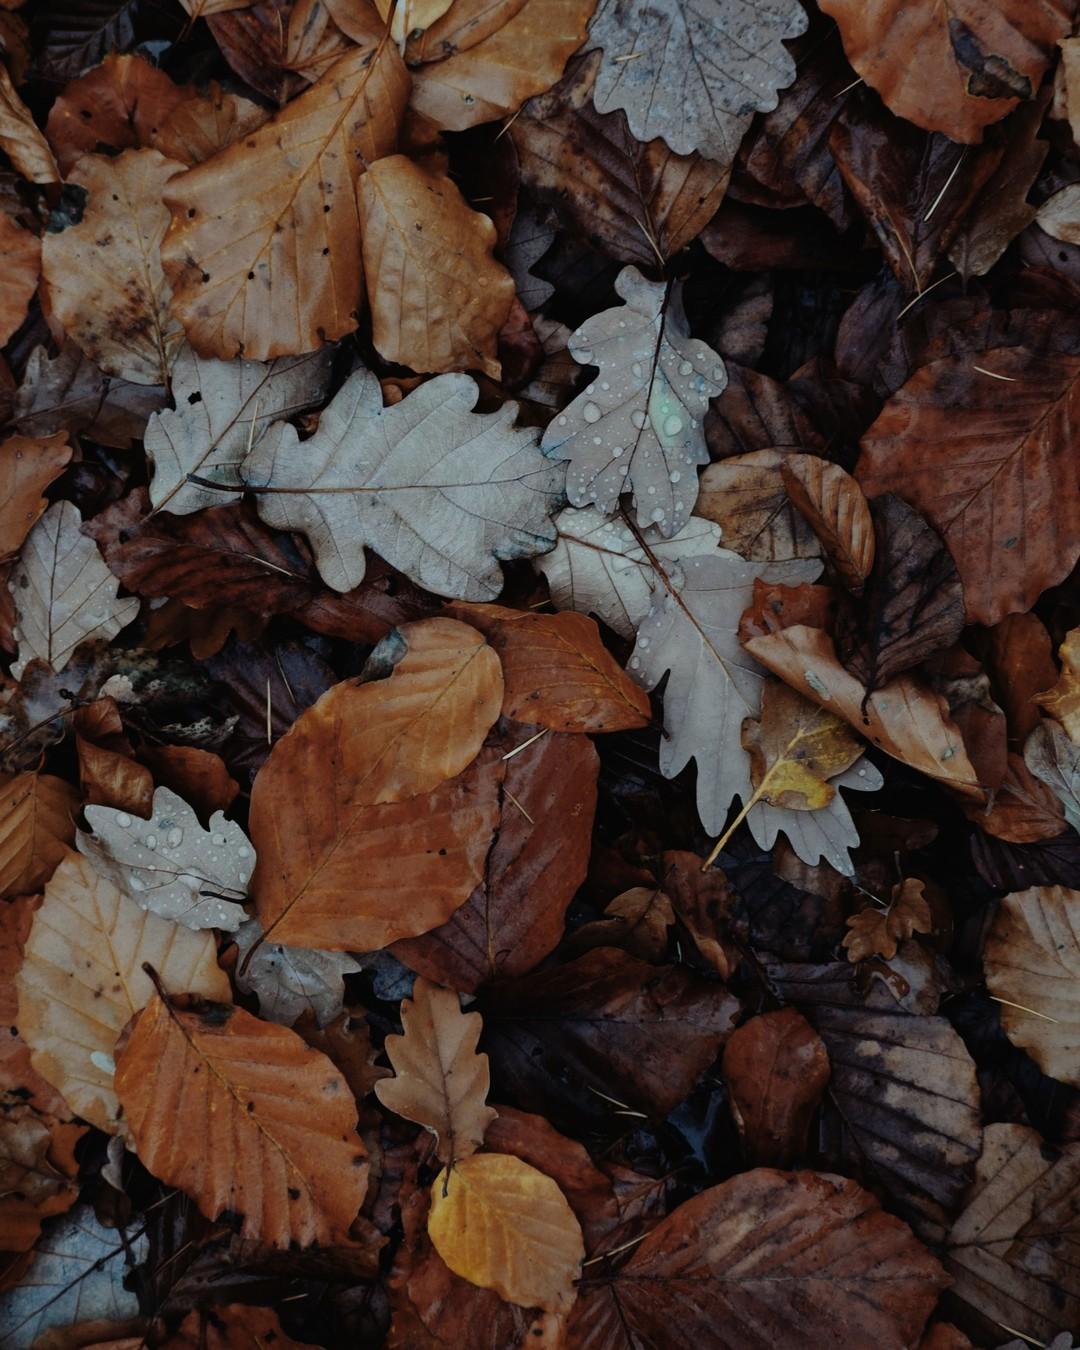 Teraz. #jesień #livethelittlethings #darlingweekend #folklife #hygge #mybeigelife #morningslikethese #slowlivingforlife #exploretocreate #momentslikethese #quietmoments #chasingseasons #kinfolk #toeachtheirpath #flashesofdelight #capturequiet #slowliving #cottagecore #seasonspoetry #visualstorytelling #slowautumndays #autumnmood #autumnaesthetic #autumn #cozyautumn #cosyhome #autumnvibes #journaling